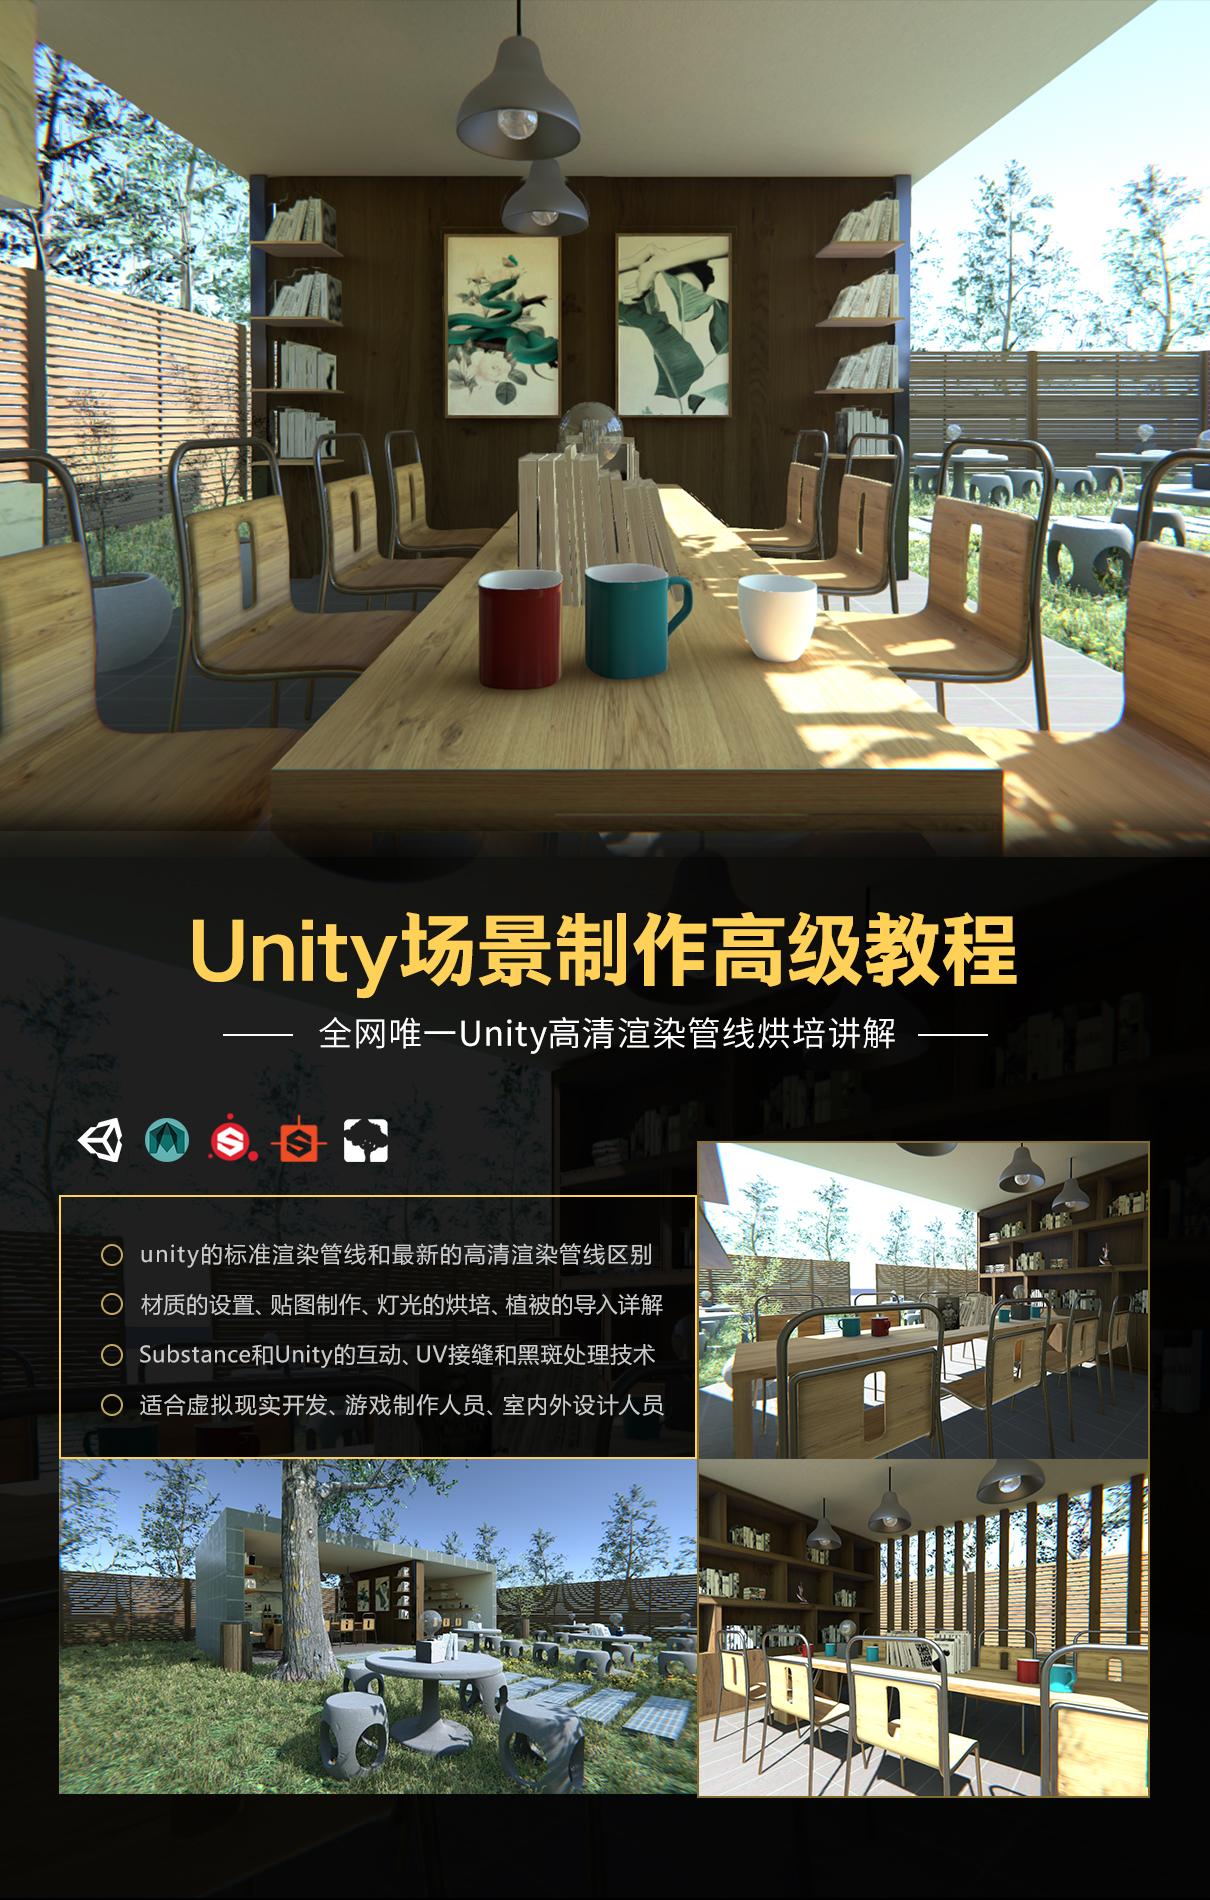 【要上线】Unity场景制作高级教程【案例讲解】简介